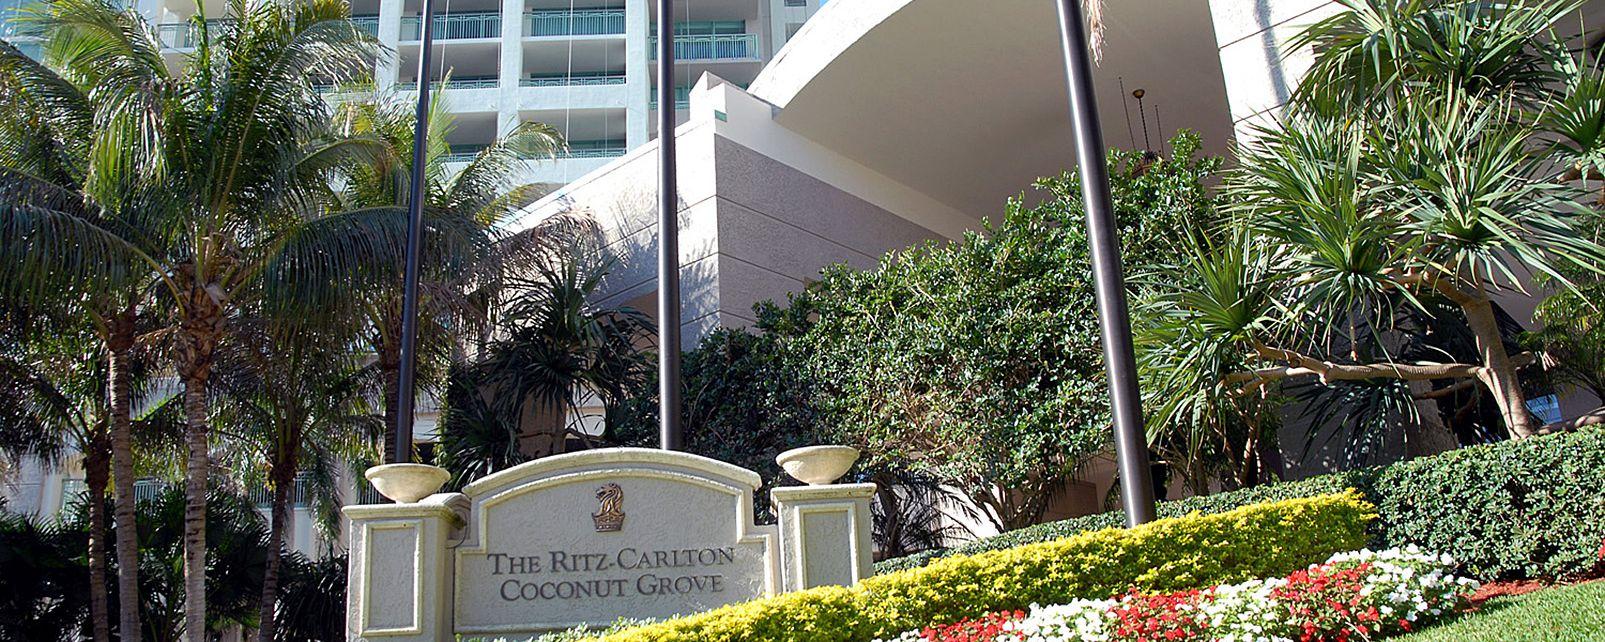 Hotel Ritz-Carlton Coconut Grove